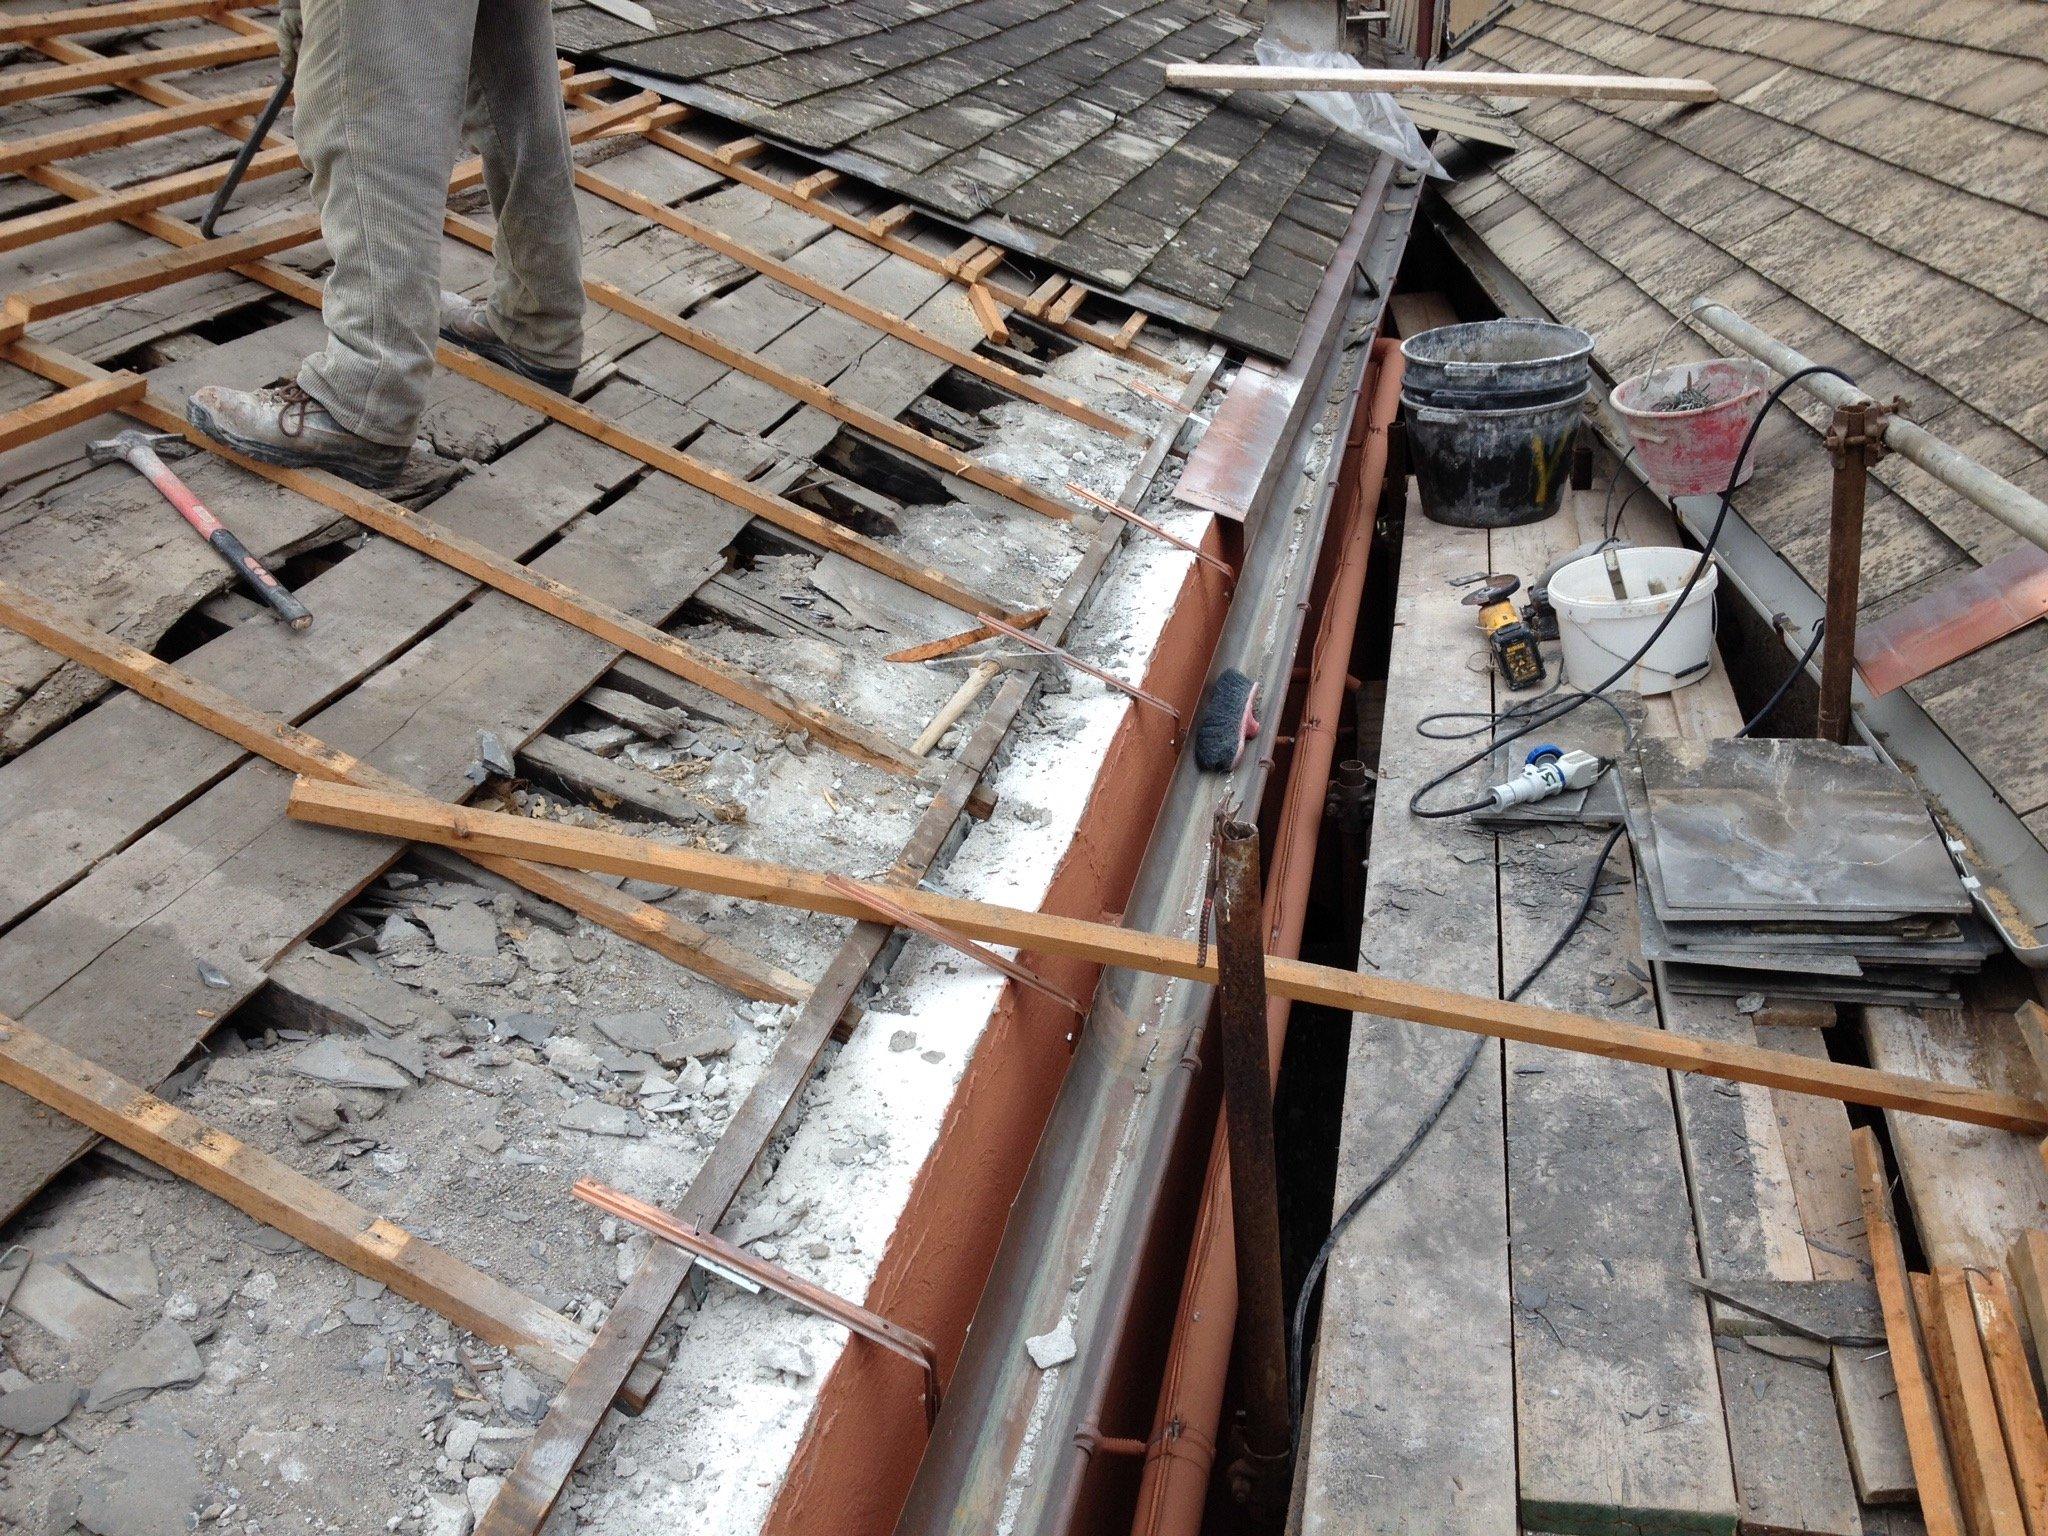 Operaio in piedi su una copertura in fase di lavorazione